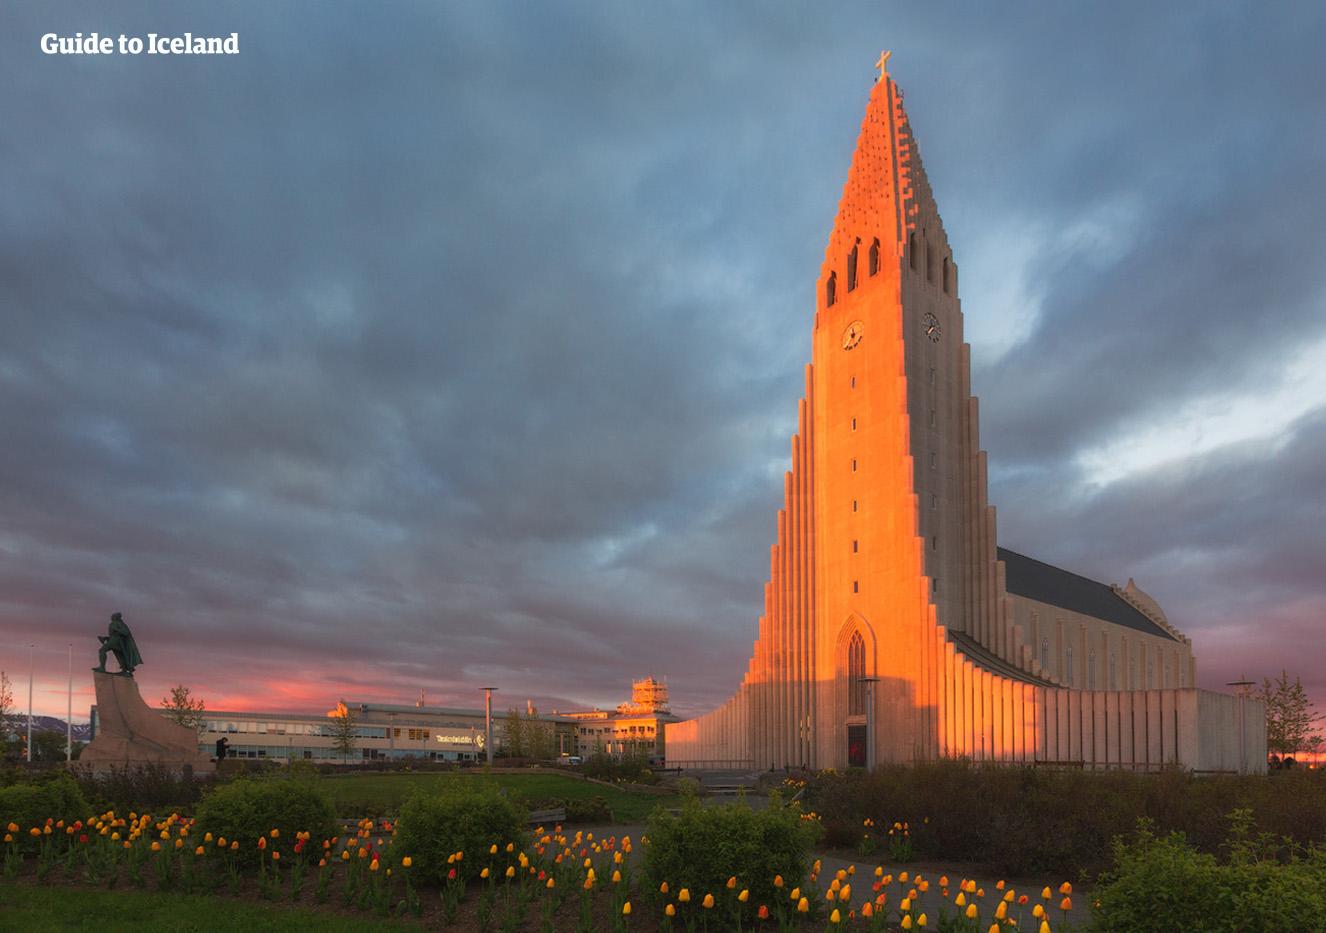 ไอซ์แลนด์ในเดือนเมษายน   ทุกสิ่งที่คุณต้องรู้